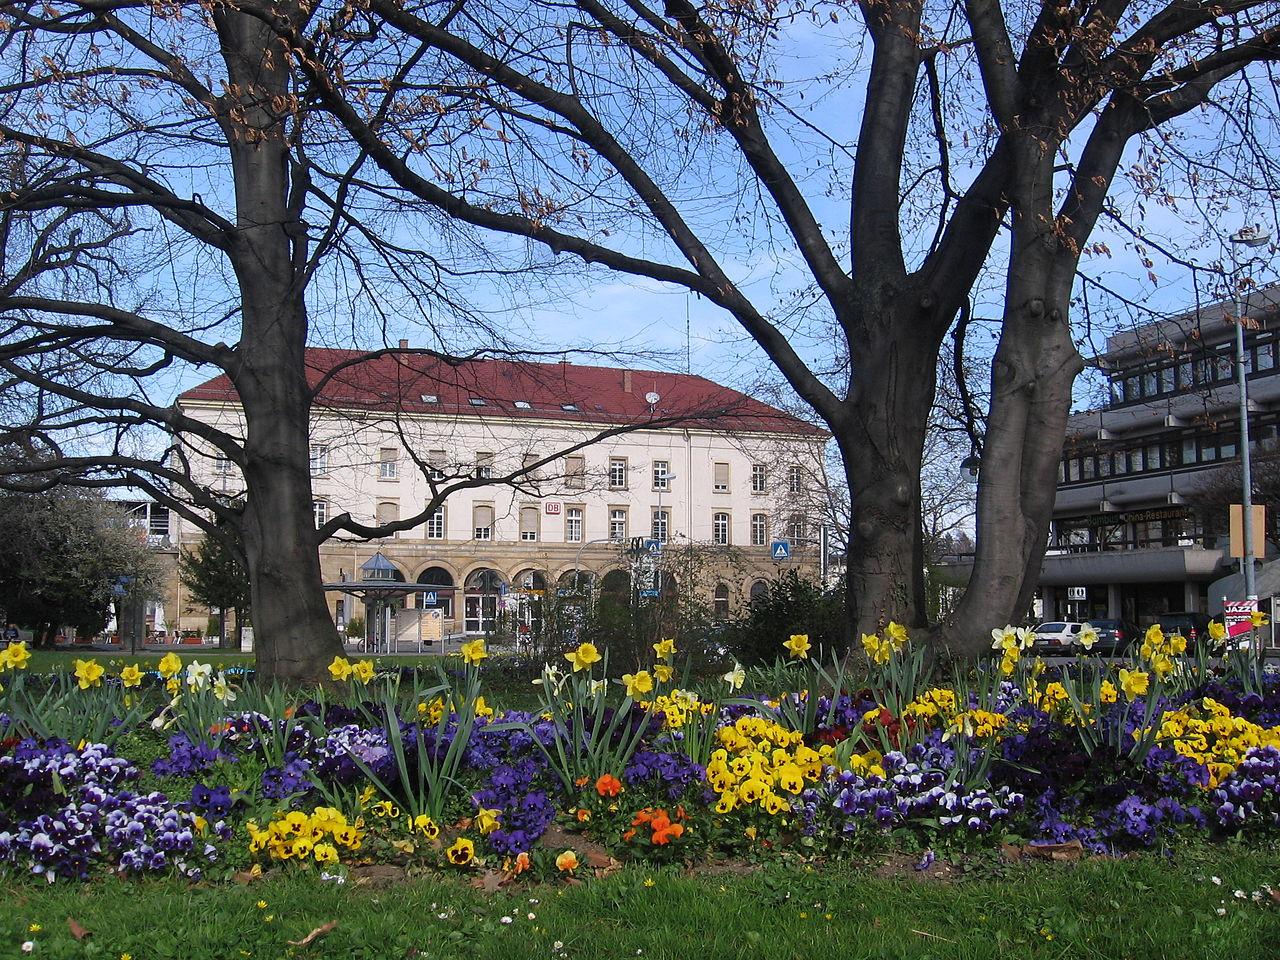 Ройтлинген, Германия: интересные достопримечательности, топ-5 интересных дел и занятий, лучшие рестораны, отзывы туристов